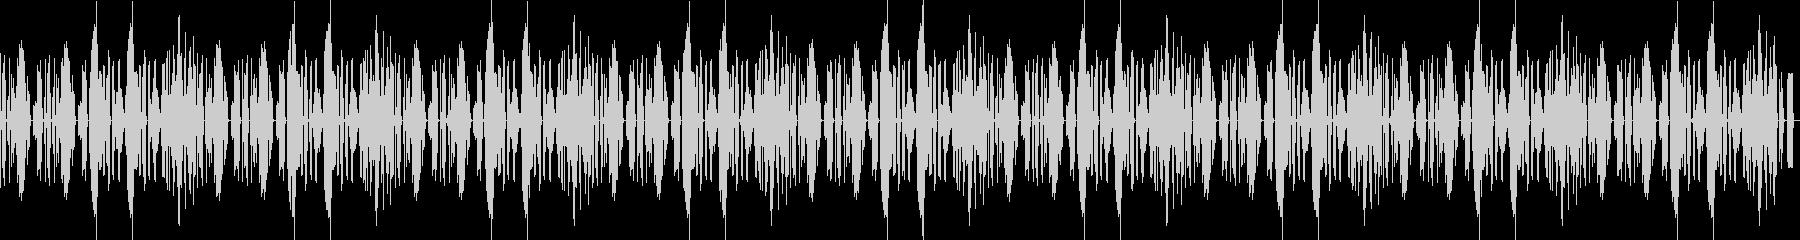 かわいいリコーダーの、のんびりな曲の未再生の波形